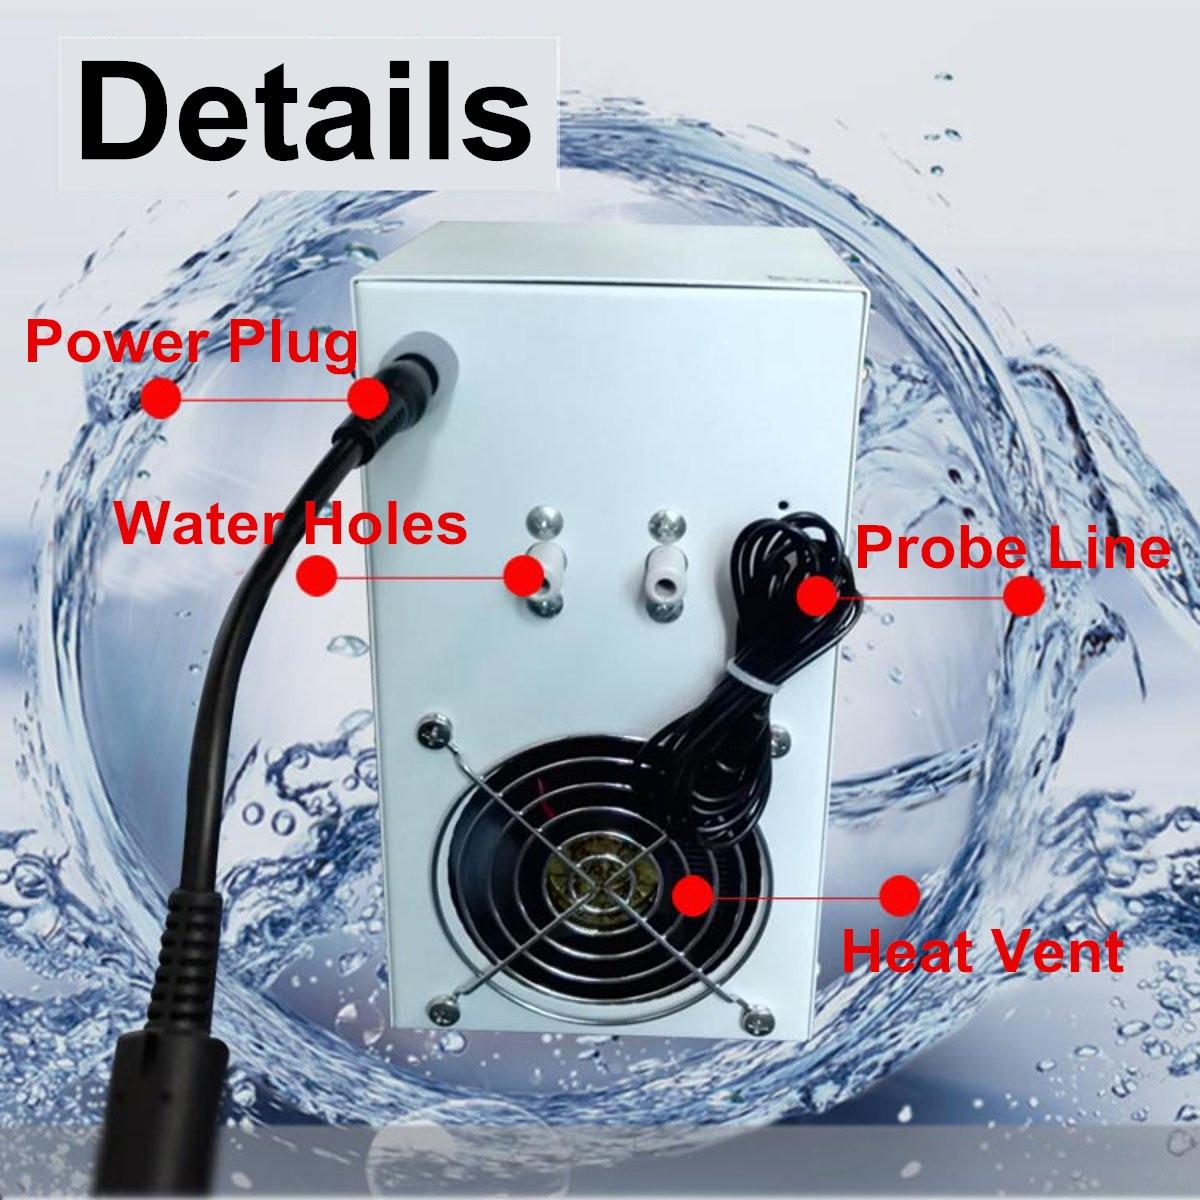 Dispositif de refroidissement de refroidisseur d'eau d'affichage à cristaux liquides 35L 72 W Aquarium réservoir de poissons équipement de refroidissement Constant outils de contrôle de température-in Articles de contrôle de la température from Maison & Animalerie    2